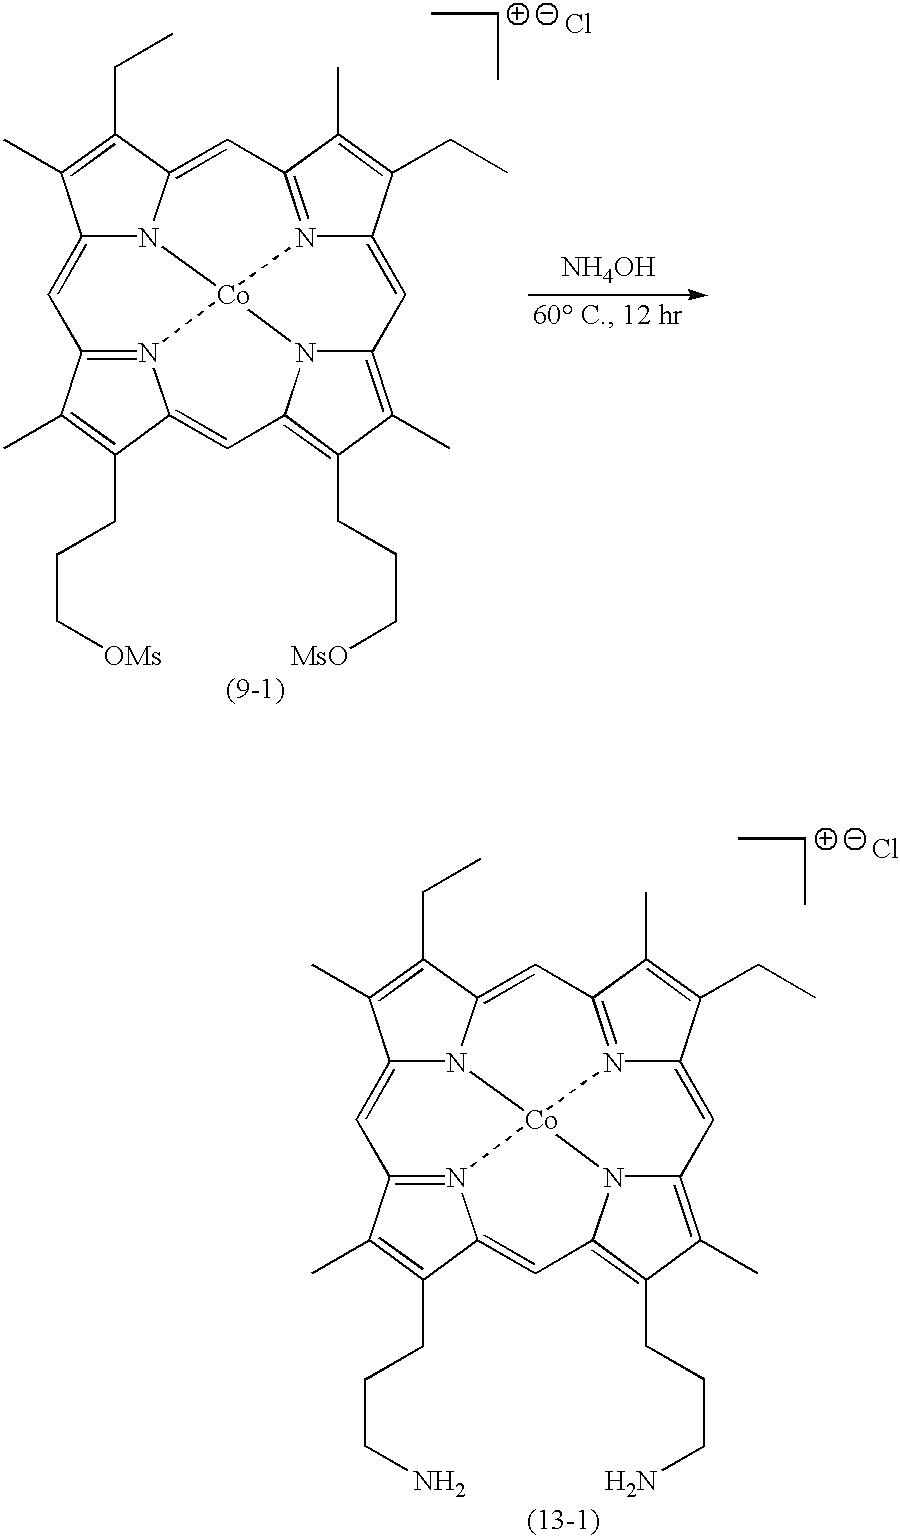 Figure US20020165216A1-20021107-C00024